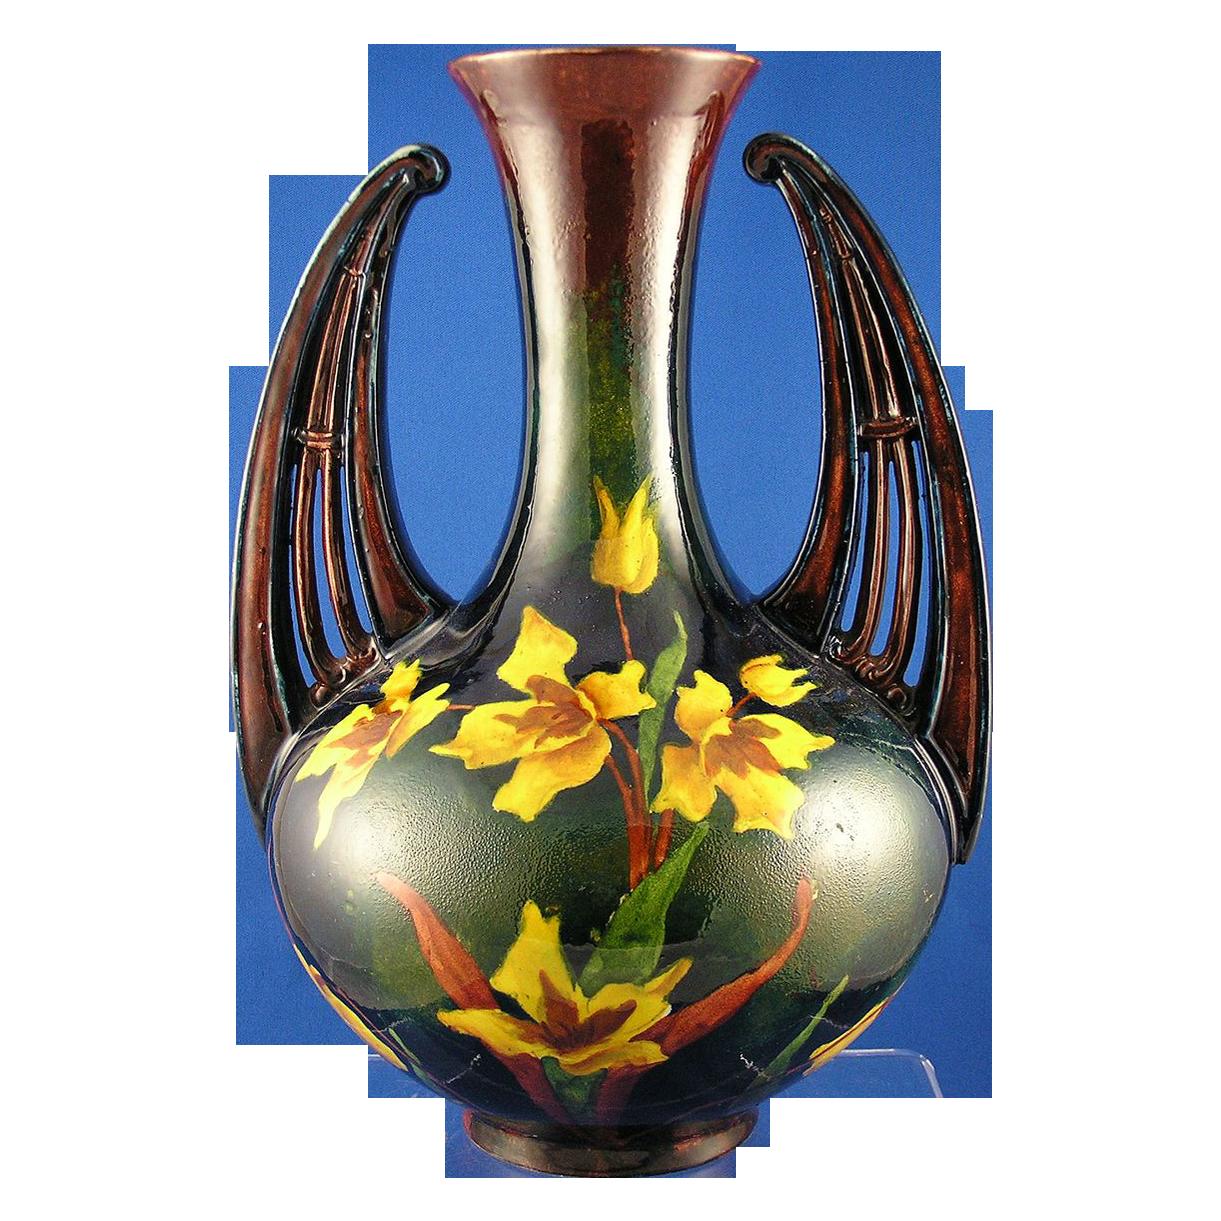 Old Moravian Austria Arts & Crafts Handled Daffodil Vase (c.1899-1918)